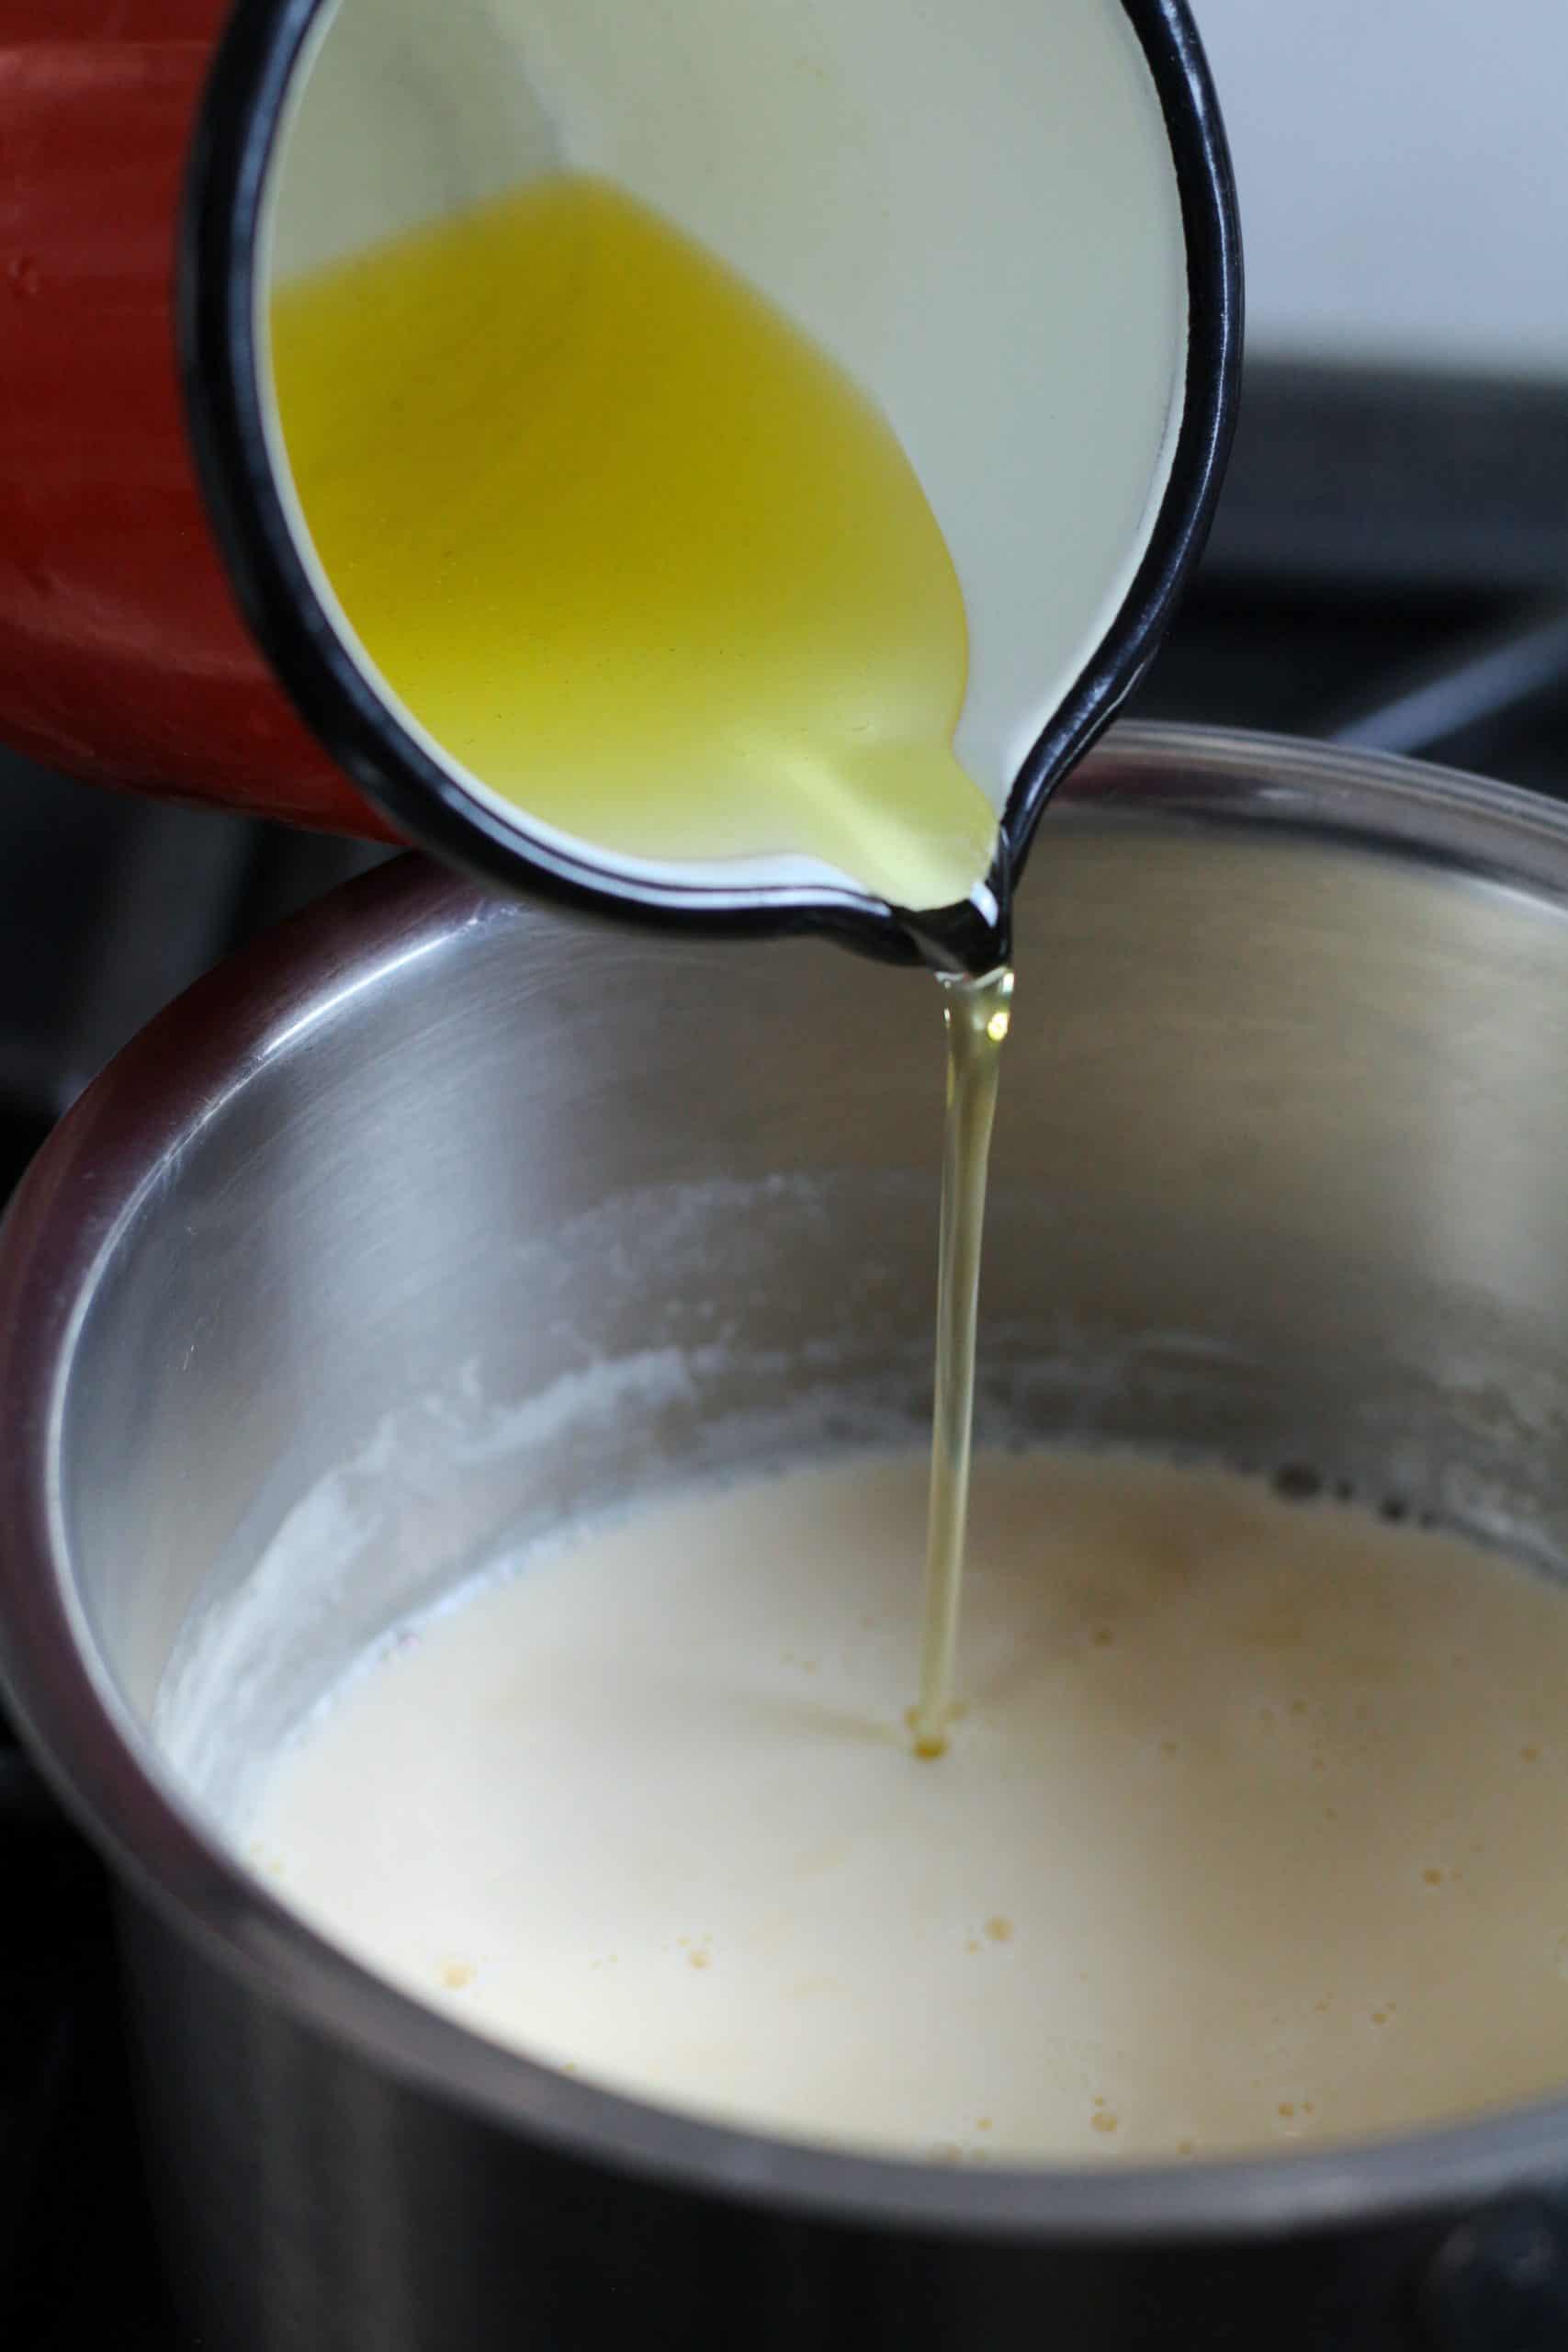 Lemon and Cinnamon Sugar Syrup